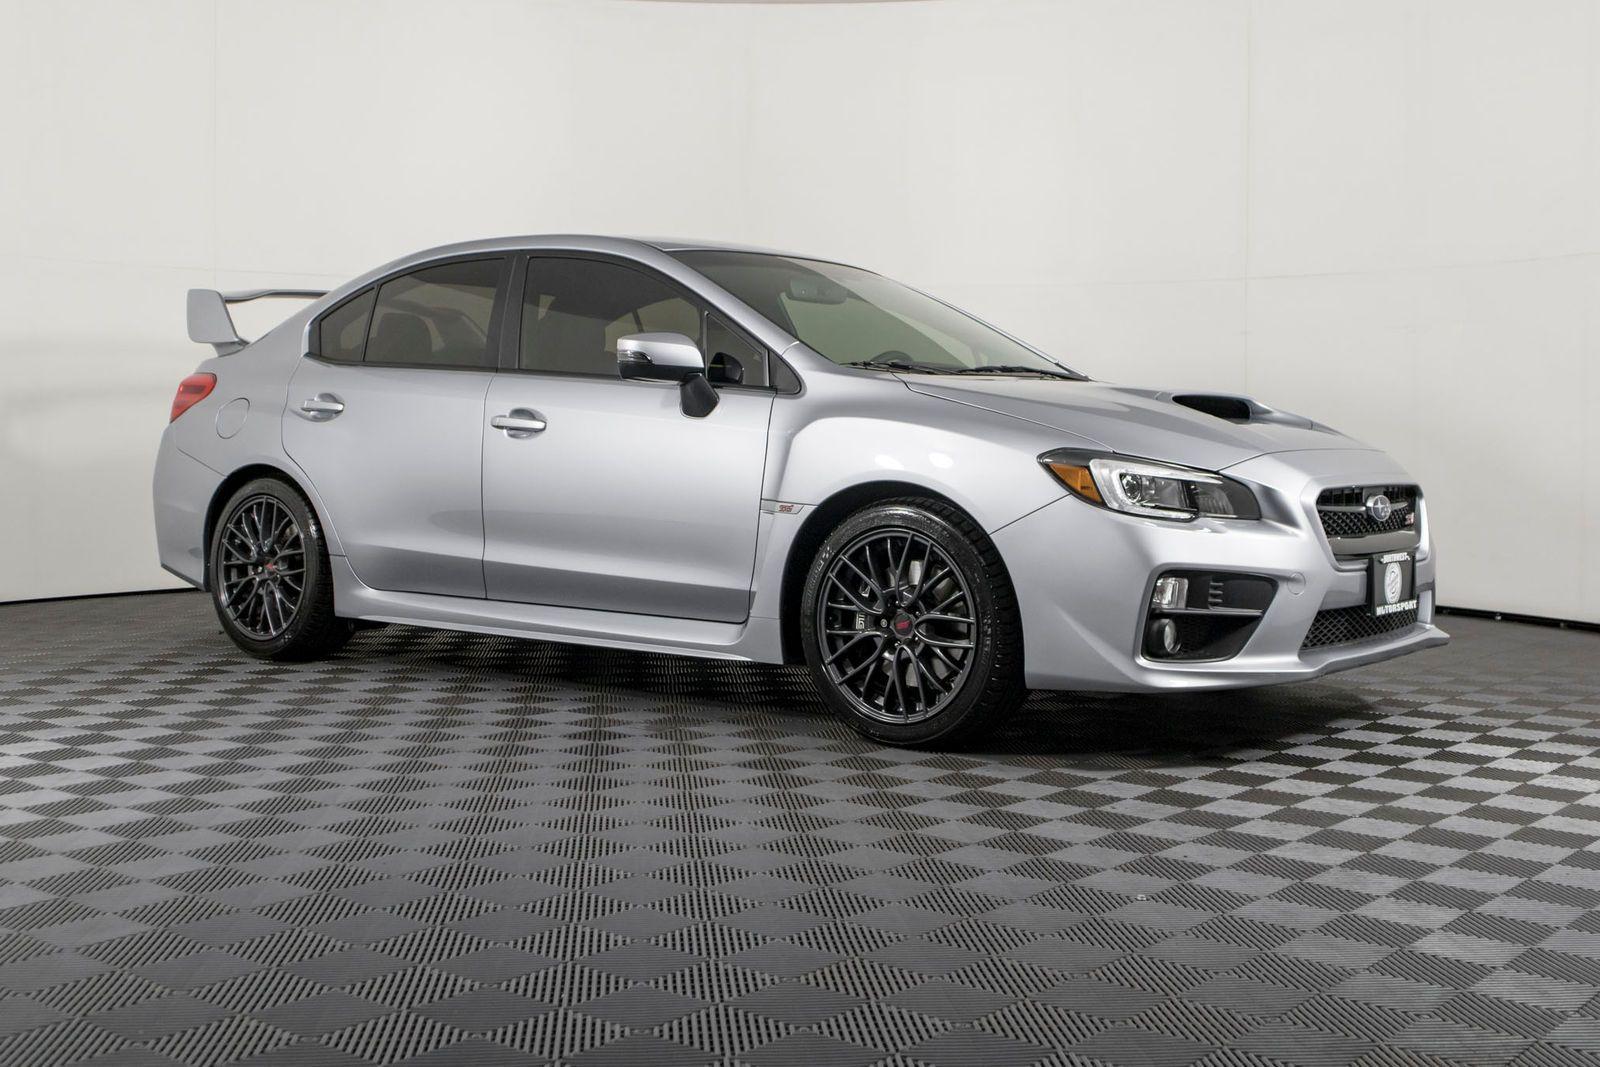 Used 2017 Subaru Wrx Sti Awd Sedan For Sale Northwest Motorsport 35k Subaru Wrx Sti Subaru Wrx Subaru